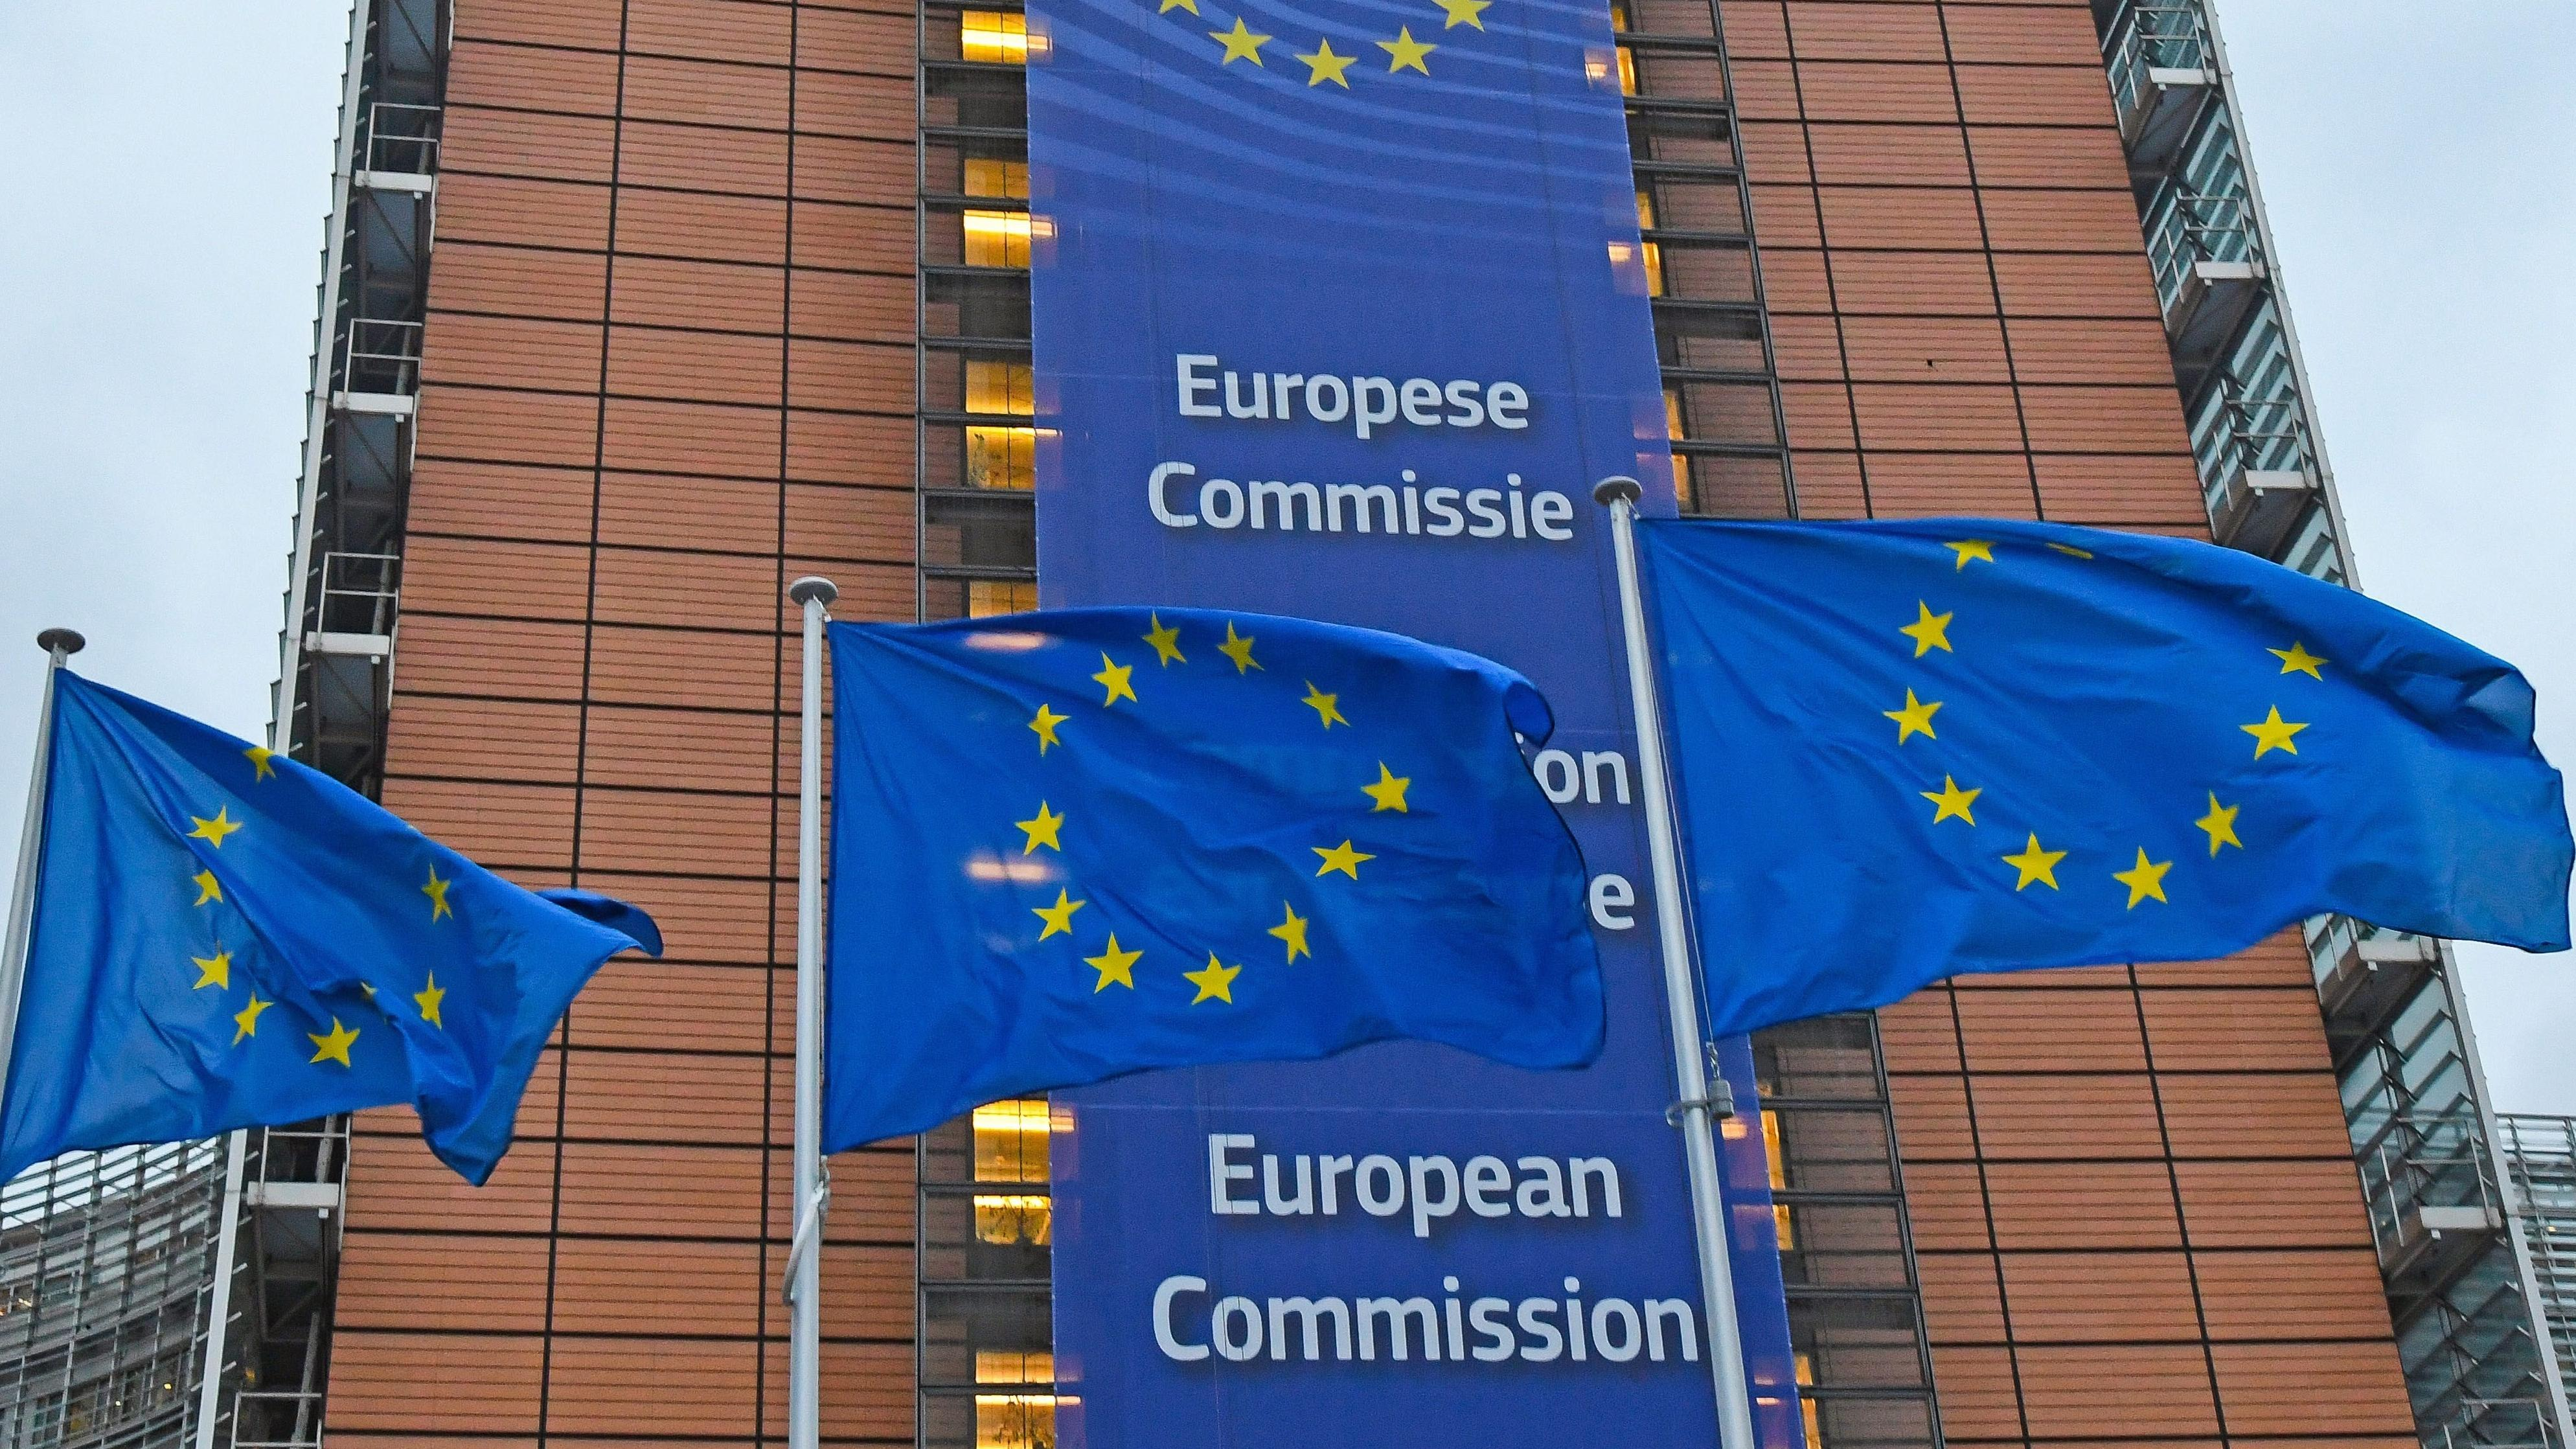 Symbolbild: Europäische Kommission